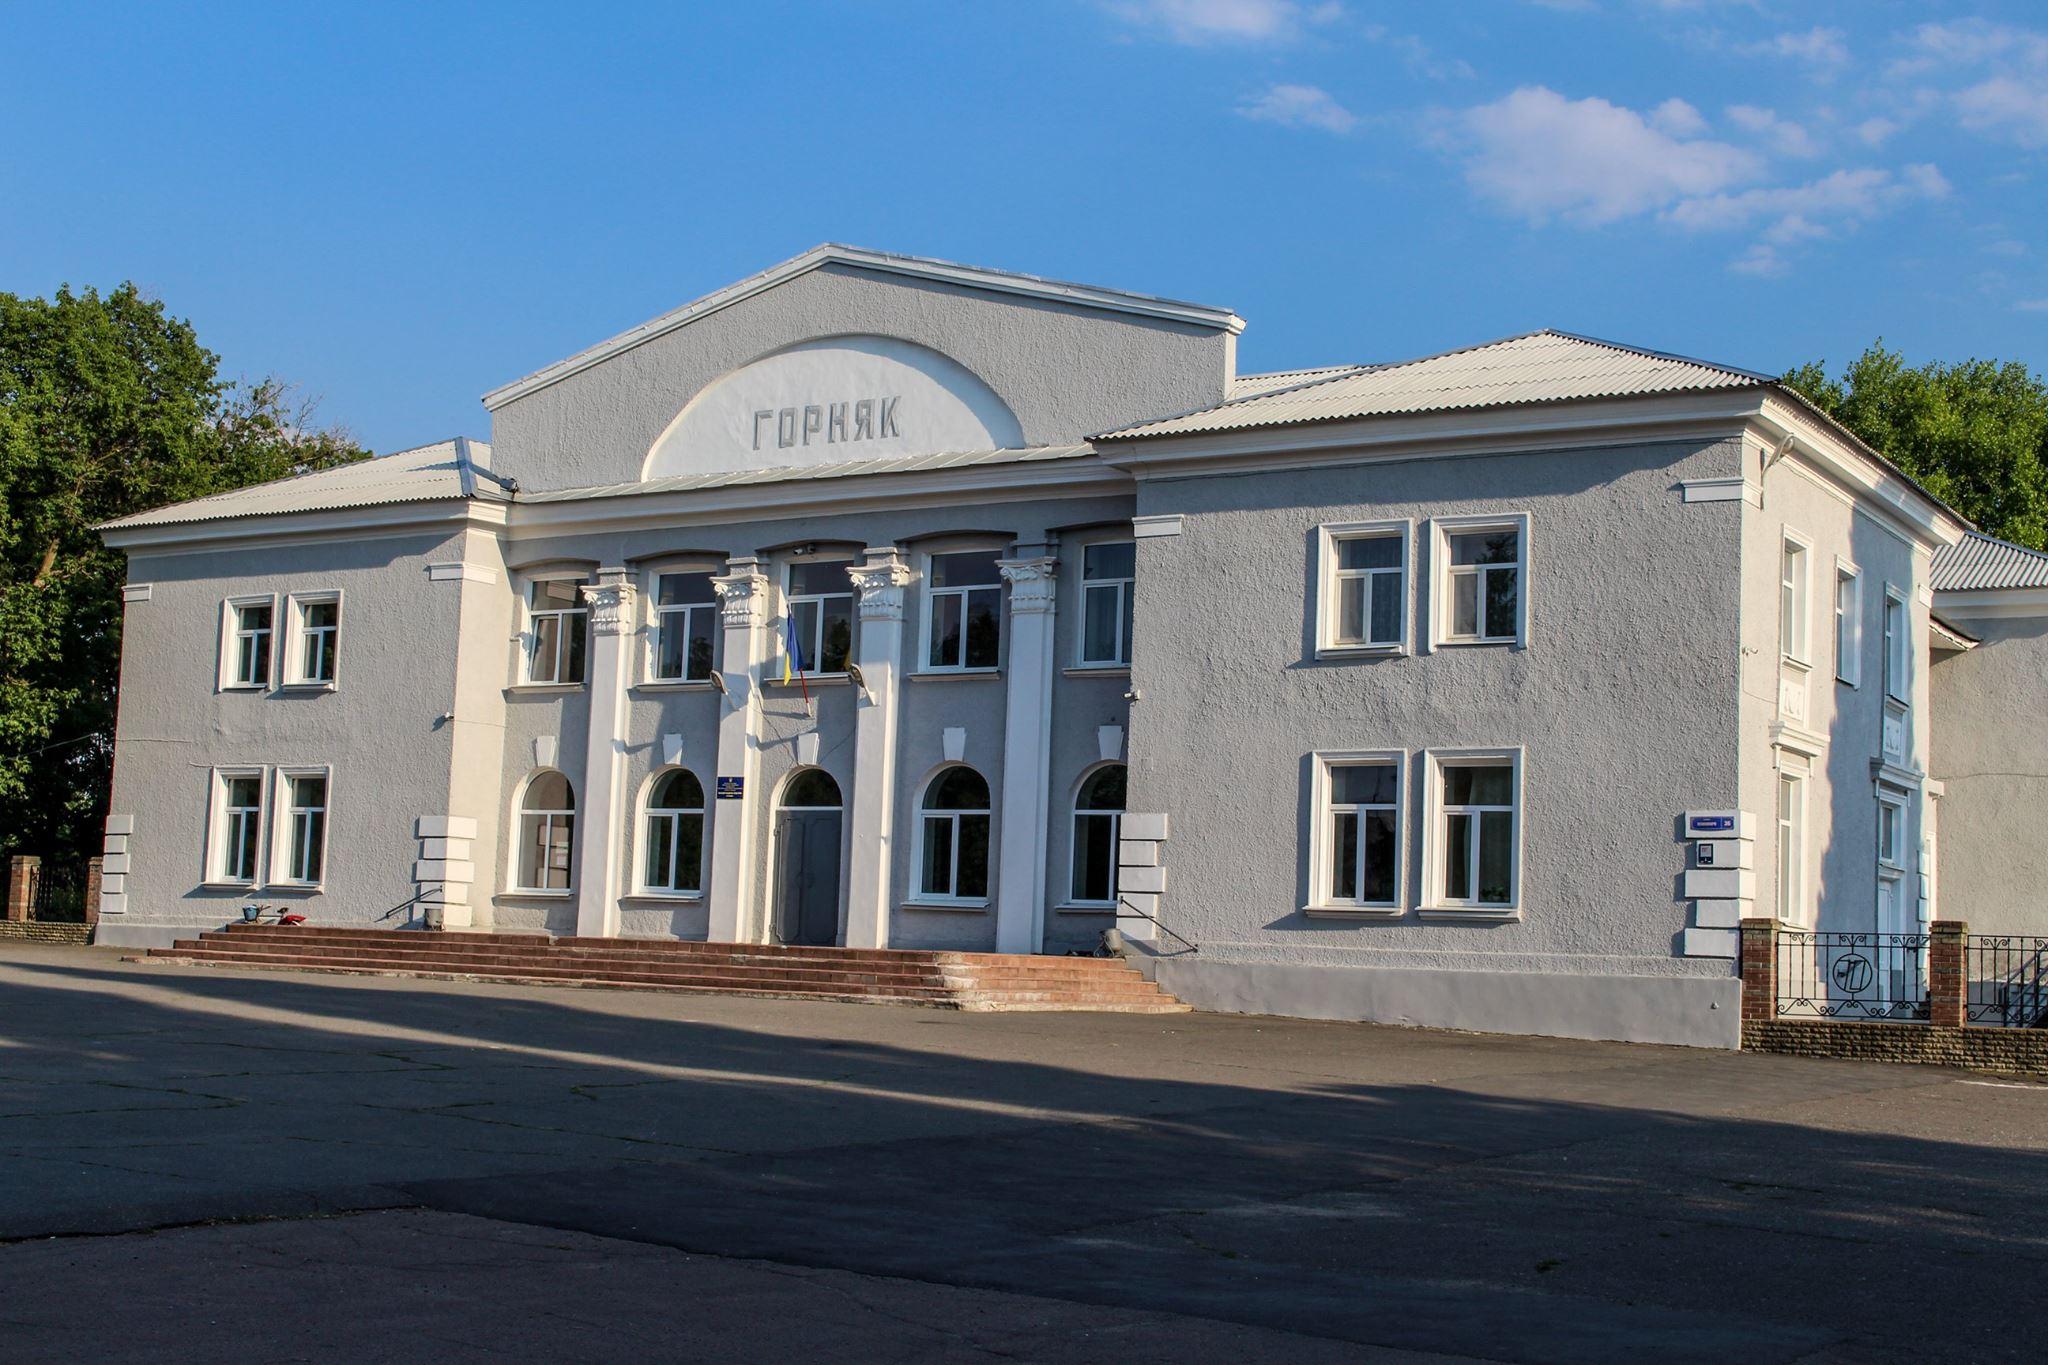 фото новотроицк донецкой области в-третьих каждый